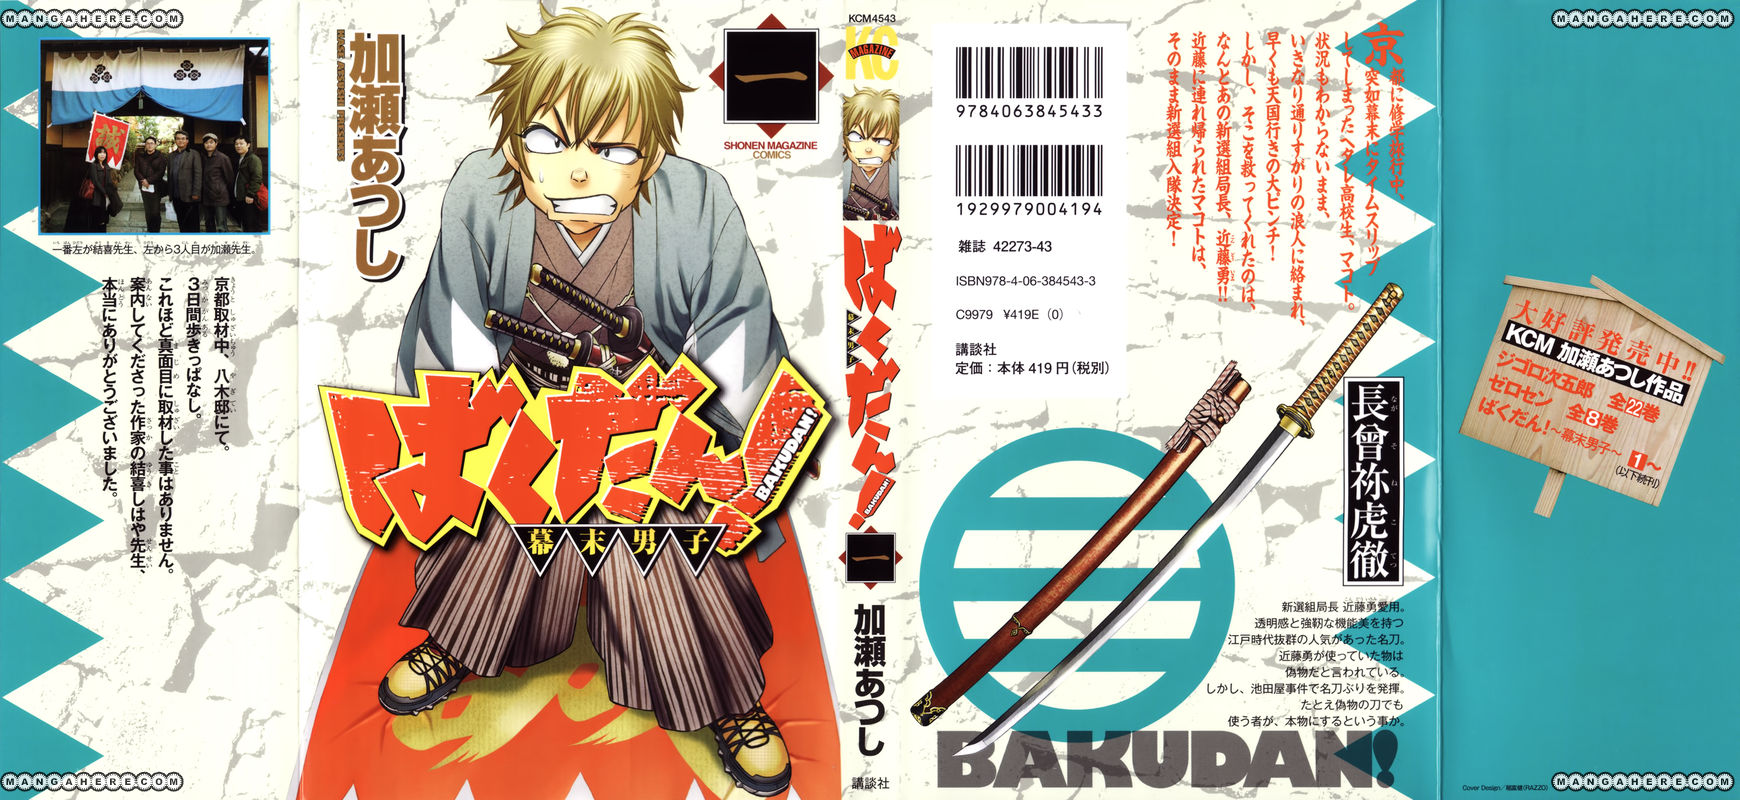 Bakudan! - Bakumatsu Danshi 1 Page 1